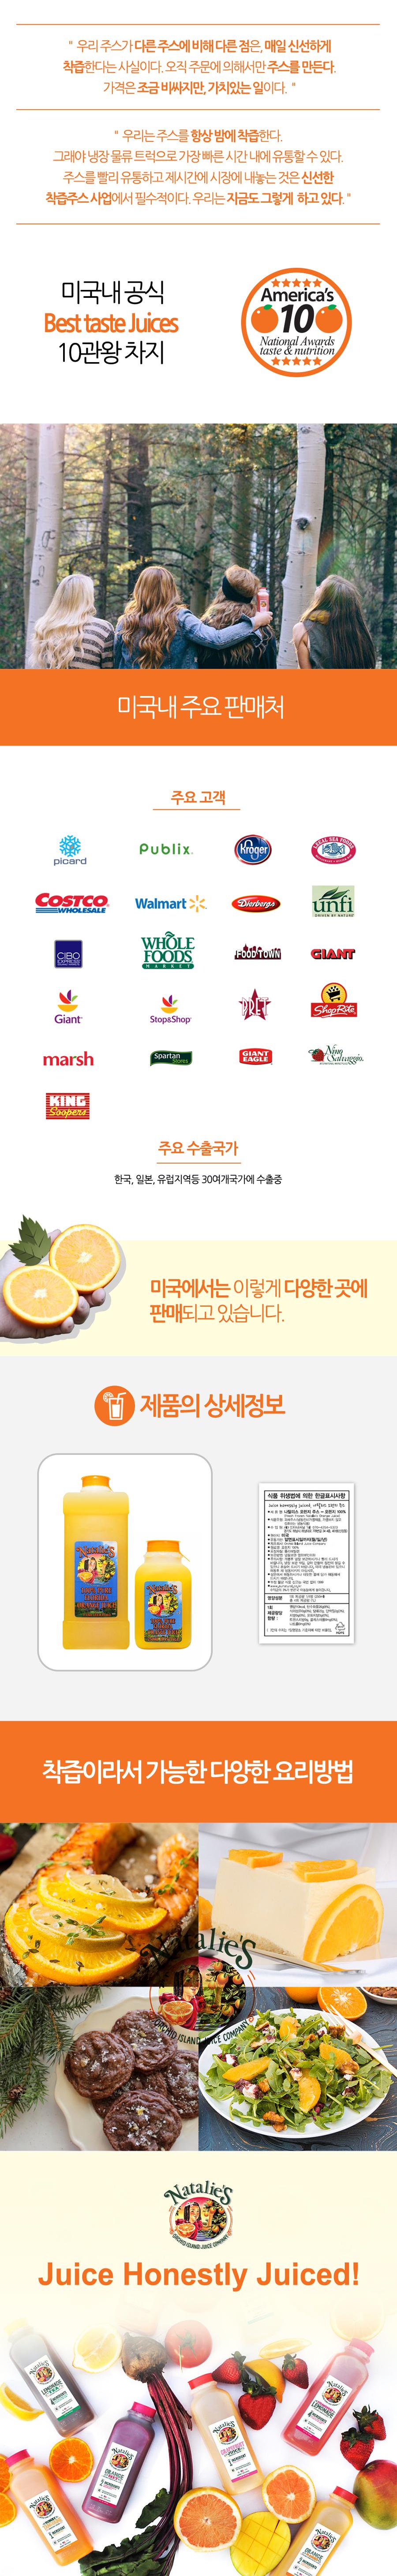 Orange_1L_03